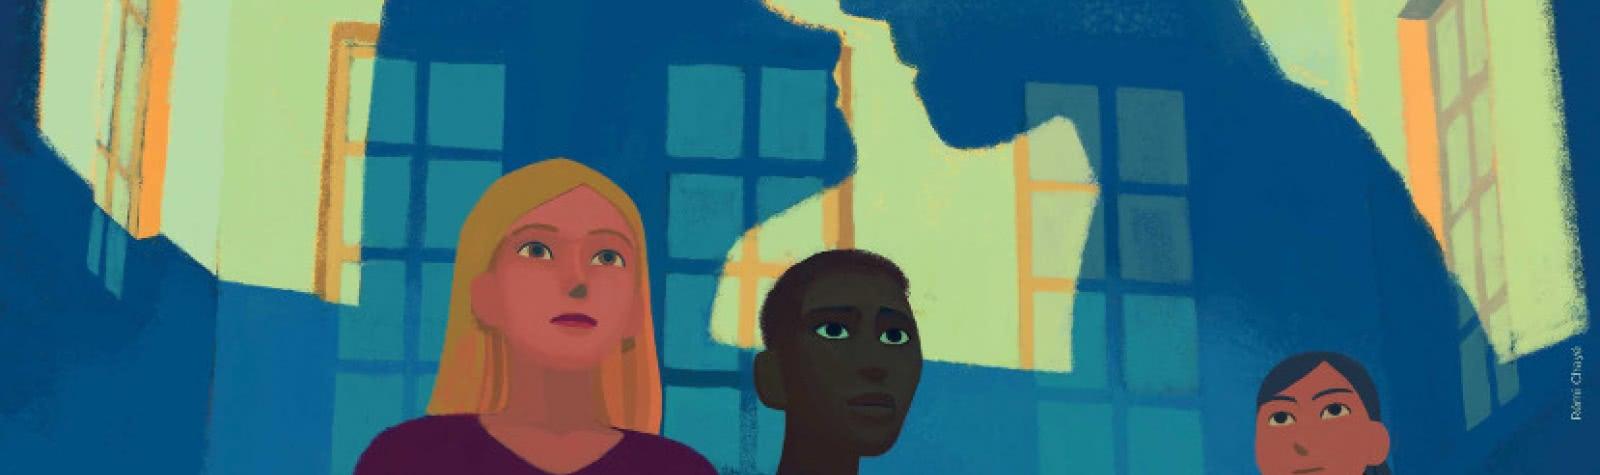 Affiche du Festival International du Court Métrage